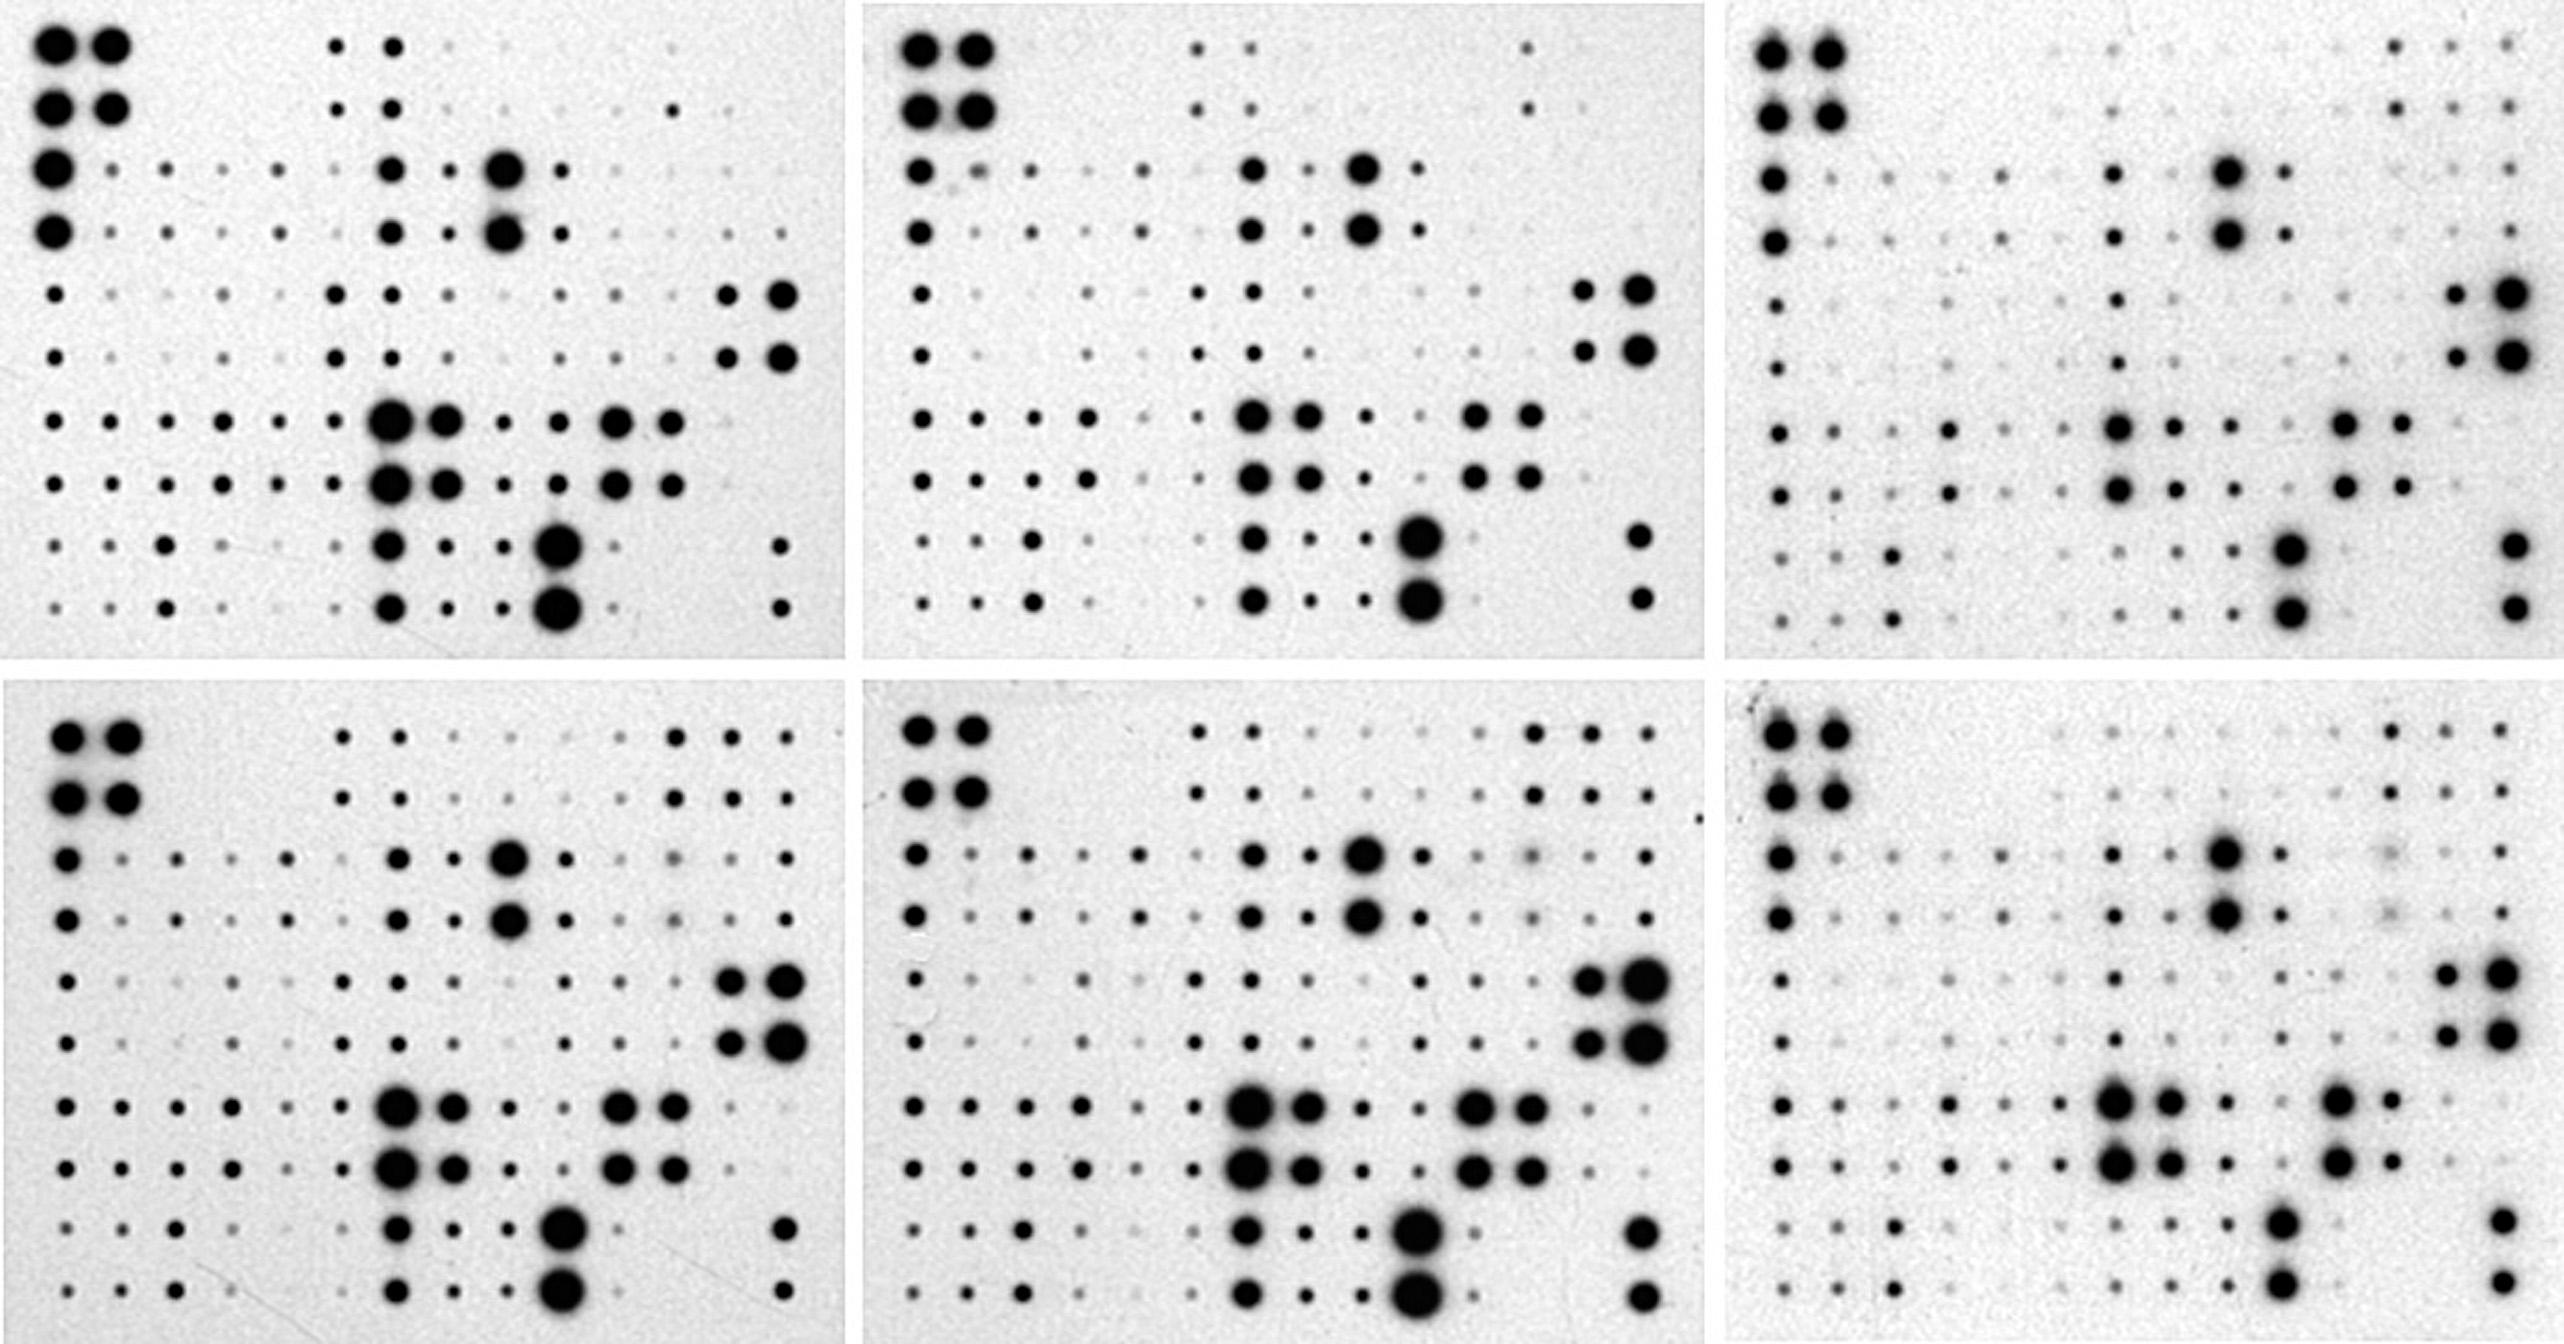 Angiogenesis Analyzer for ImageJ - Gilles Carpentier